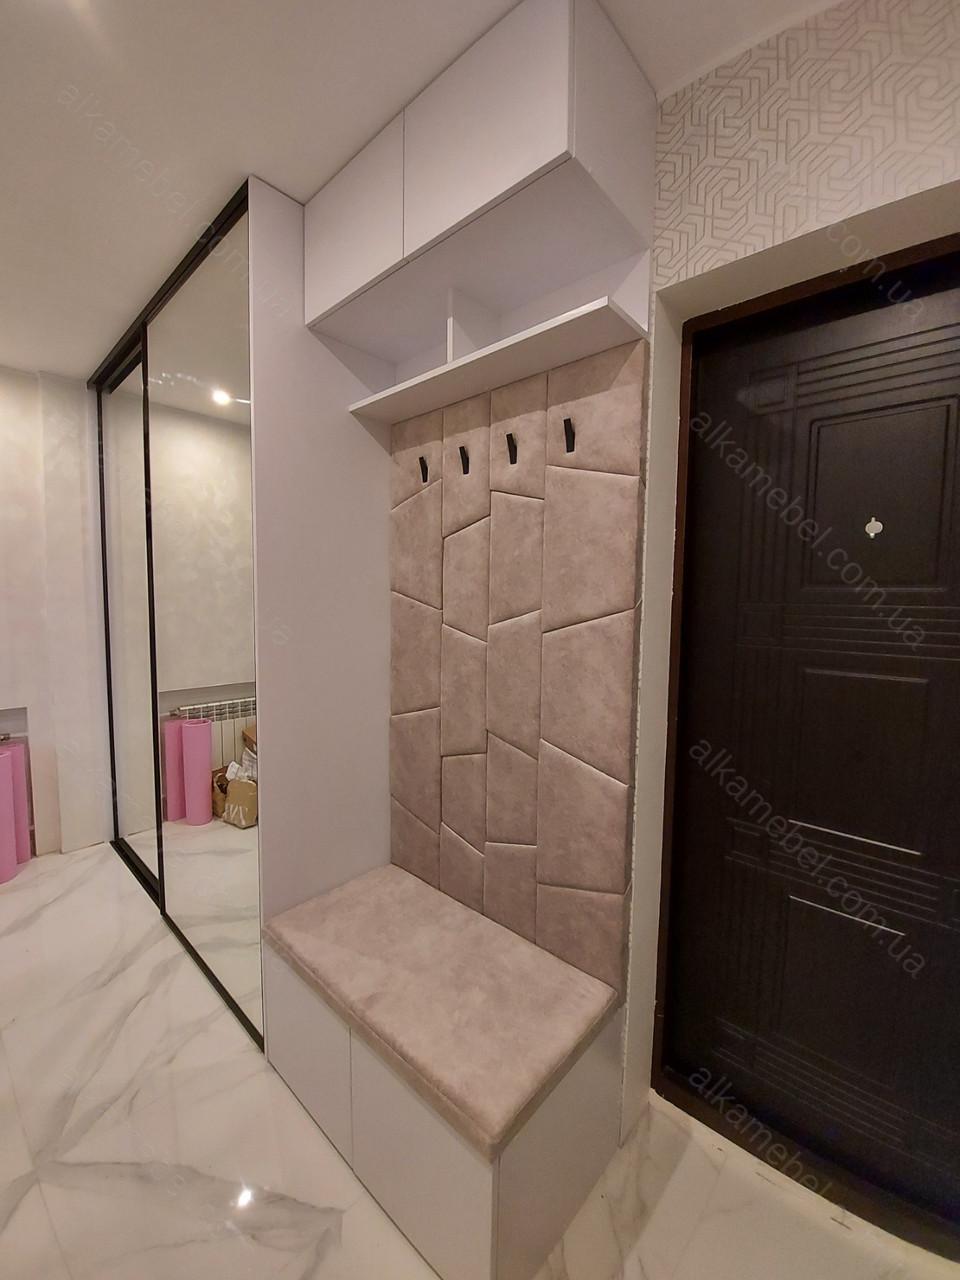 Шкаф купе с профилем Zola черный браш + зеркало. Мягкая прихожая с крючками.